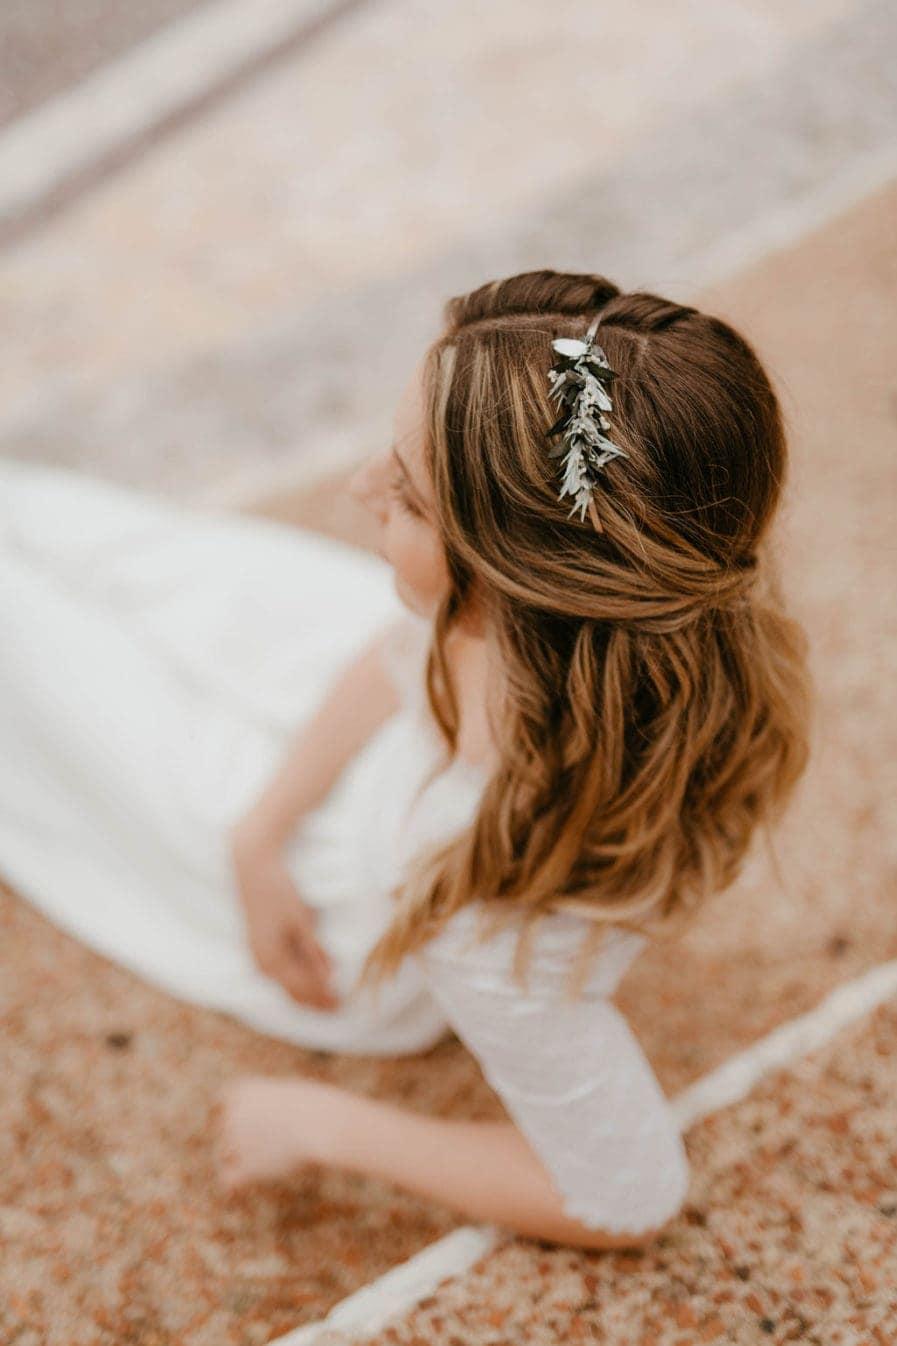 Headband de mariage Turquin version Mini - Les Fleurs Dupont - Anaïs Nannini Photographie - Mariage en fleurs séchées